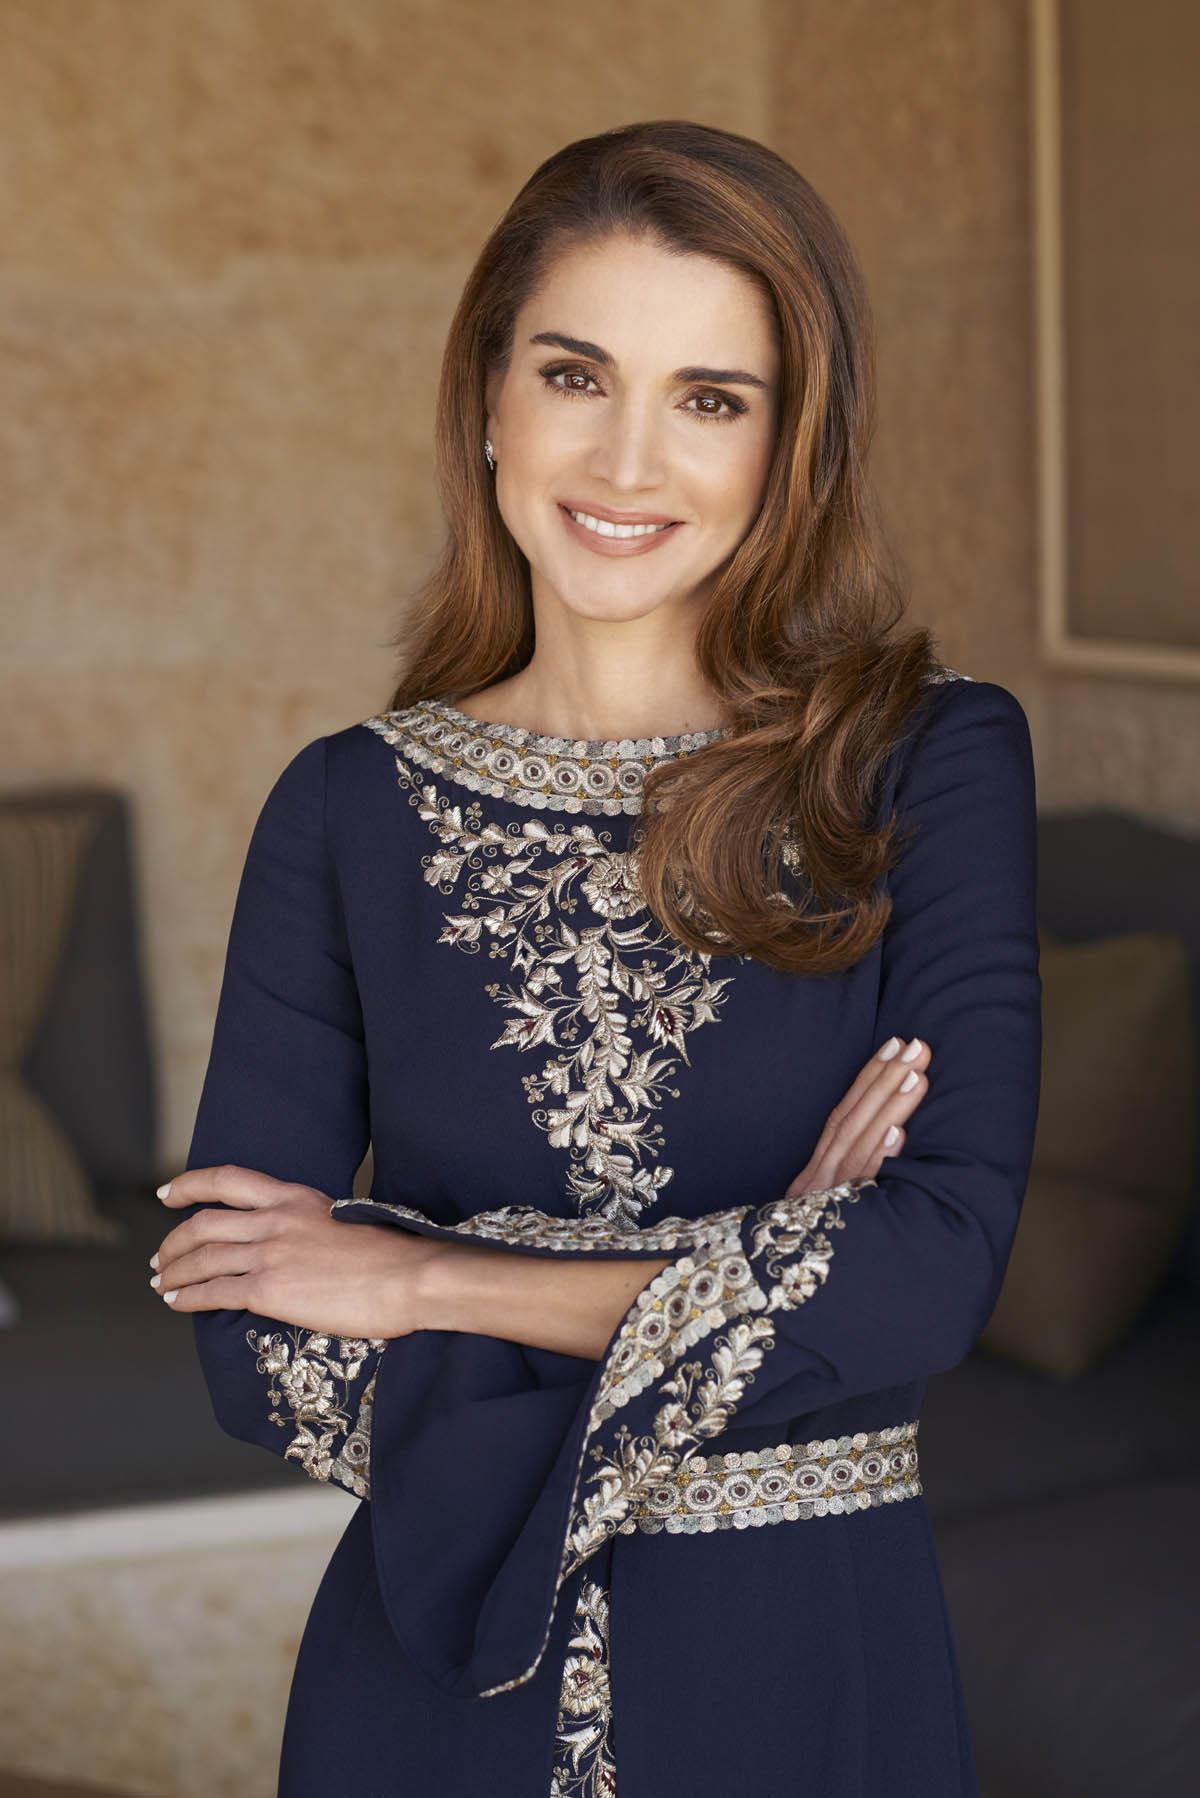 جلالة الملكة رانيا تهنىء الشعب الاردني بمولد سيدنا محمد عليه الصلاة والسلام